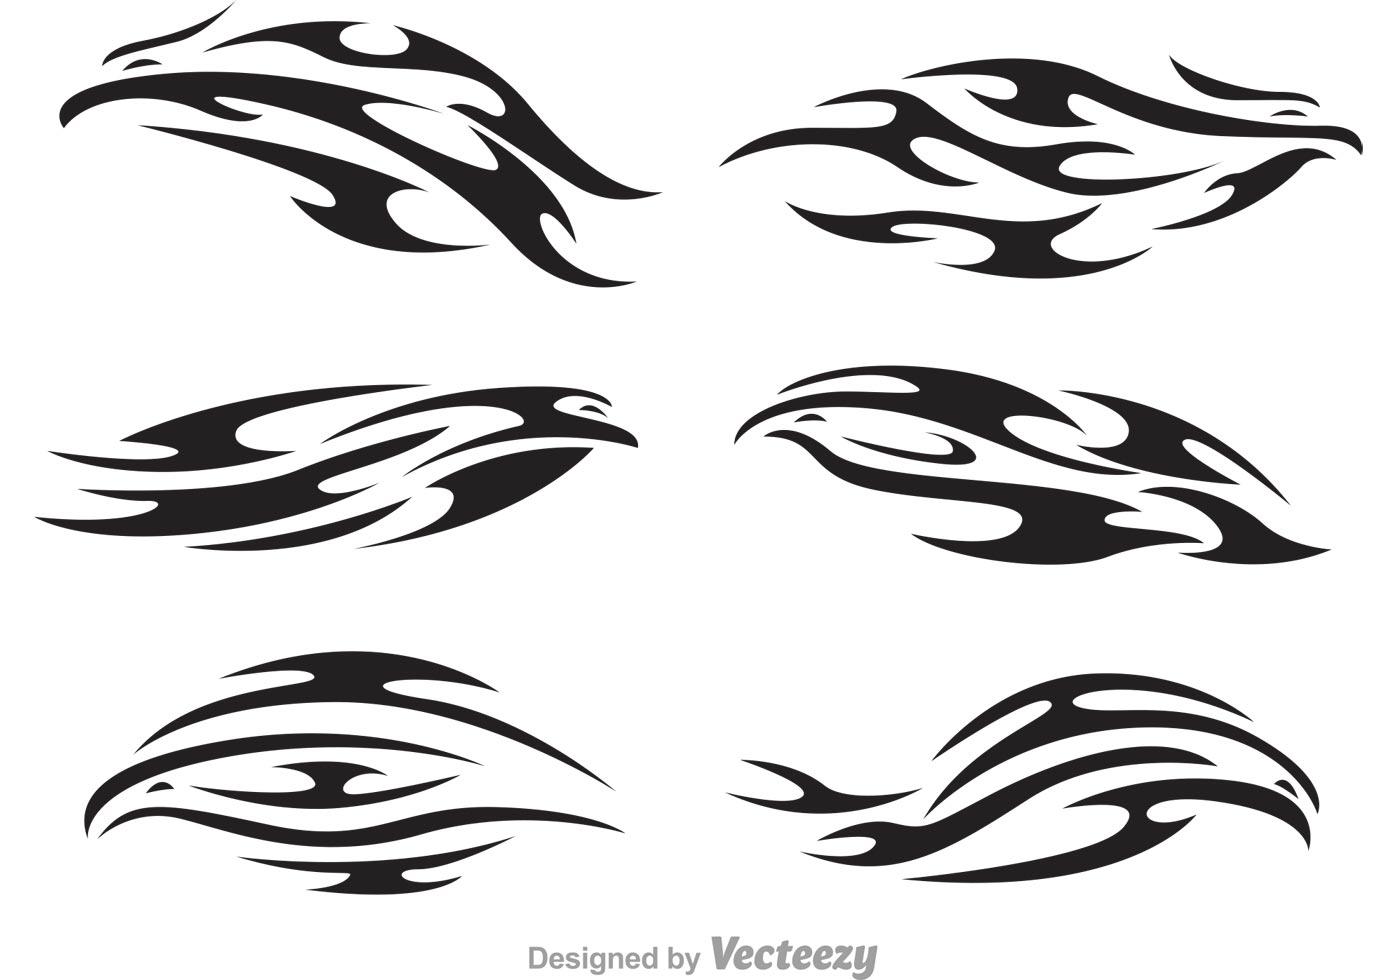 ... Logo Vectors - Download Free Vector Art, Stock Graphics u0026 Images